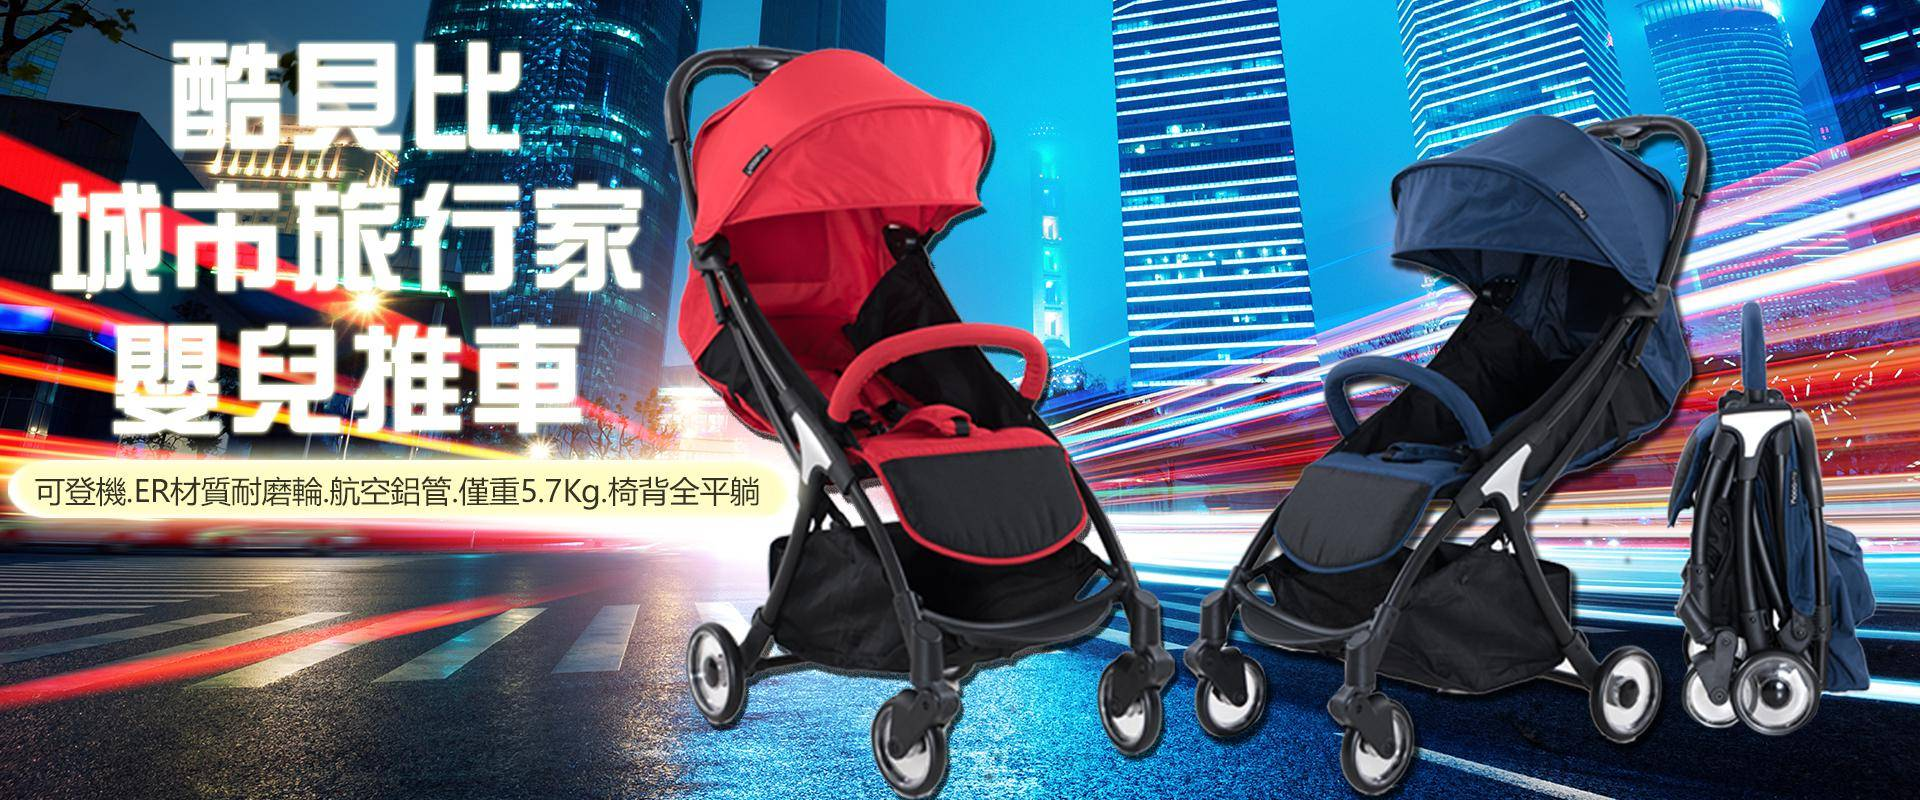 酷貝比嬰兒用品官網BN城市旅行家可登機嬰兒推車